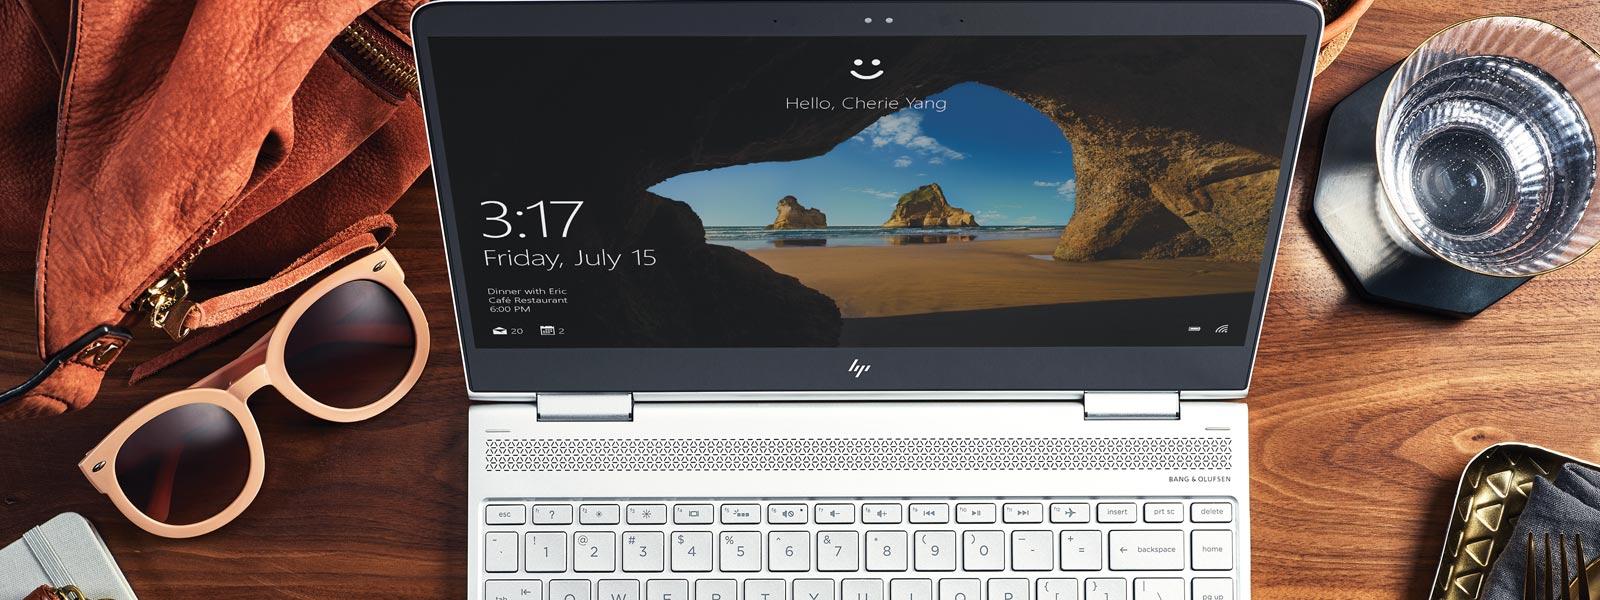 Windows 10-enhet på et skrivebord, sett ovenfra